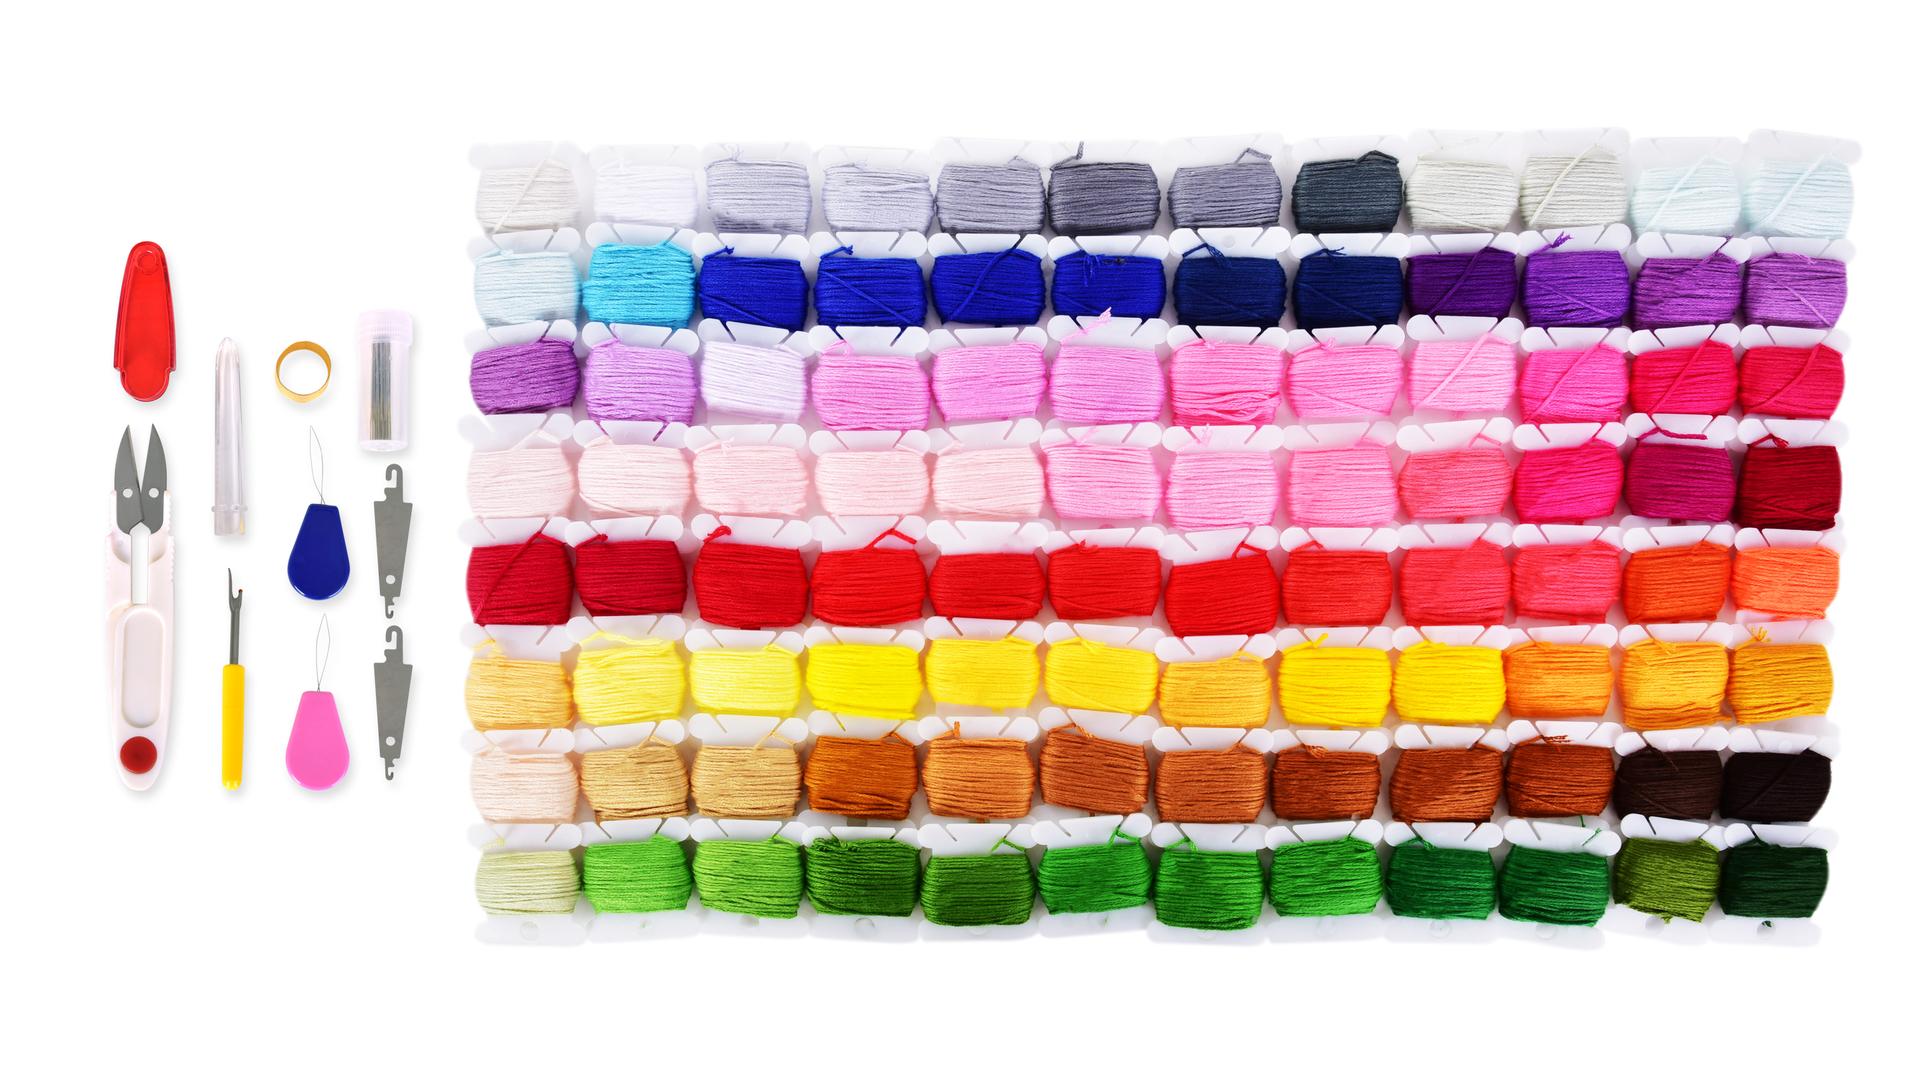 XL VELKÝ VYŠÍVACÍ BOX, sada 114 vyšívacích bavlnek a potřeb